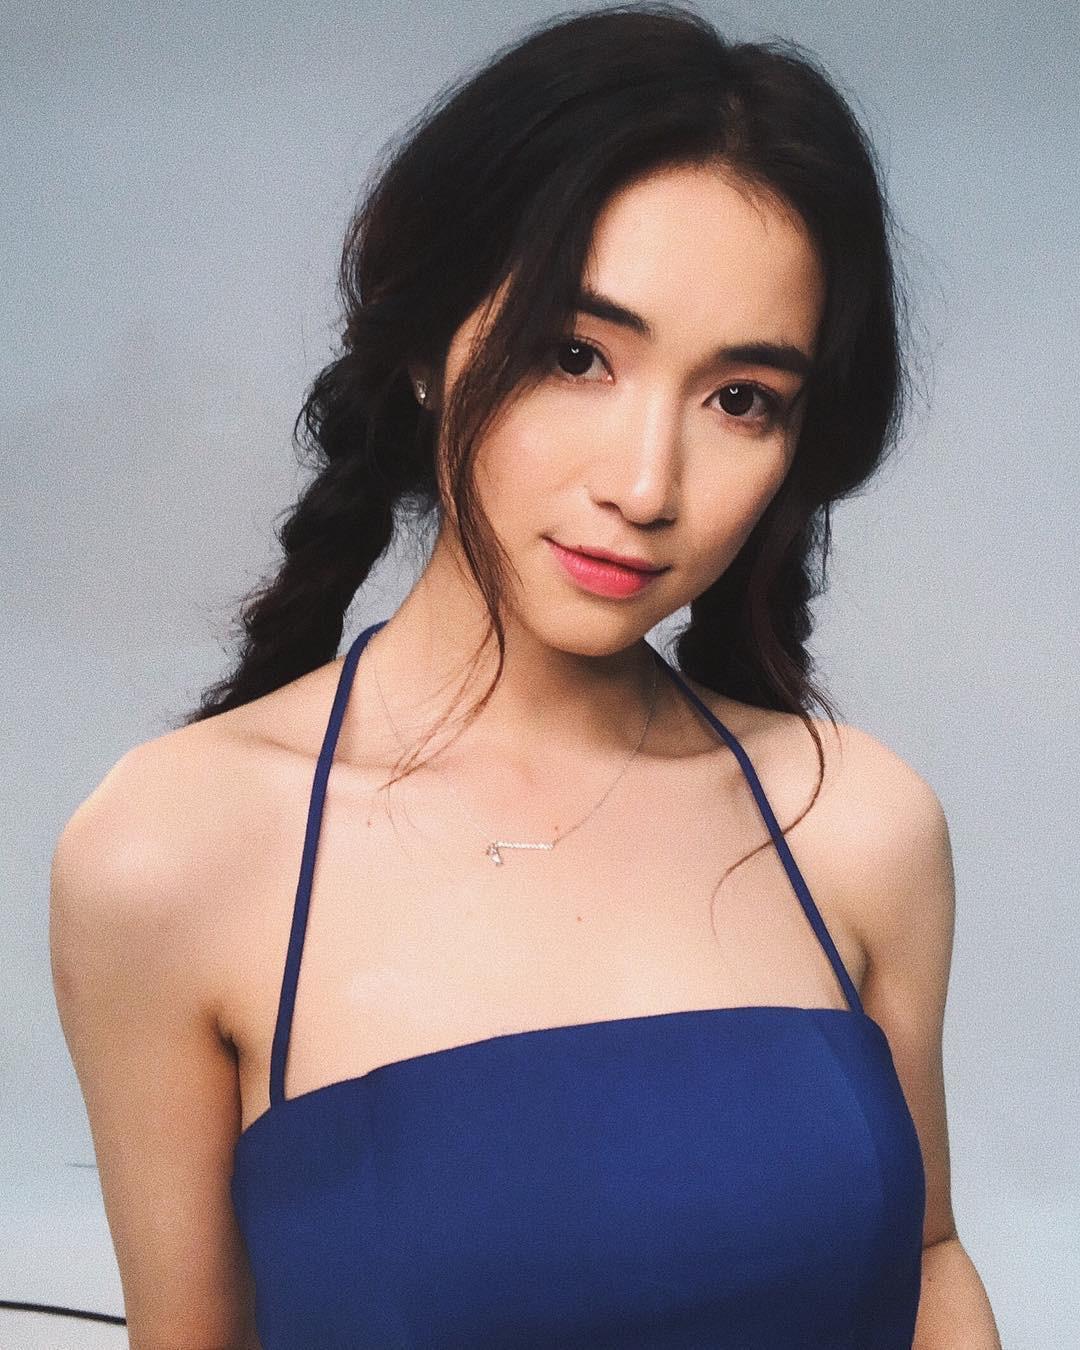 Khỏi tô trát cầu kỳ, Hòa Minzy đẹp kiểu thanh thuần thế này mới khiến người ta mê mẩn - Ảnh 3.